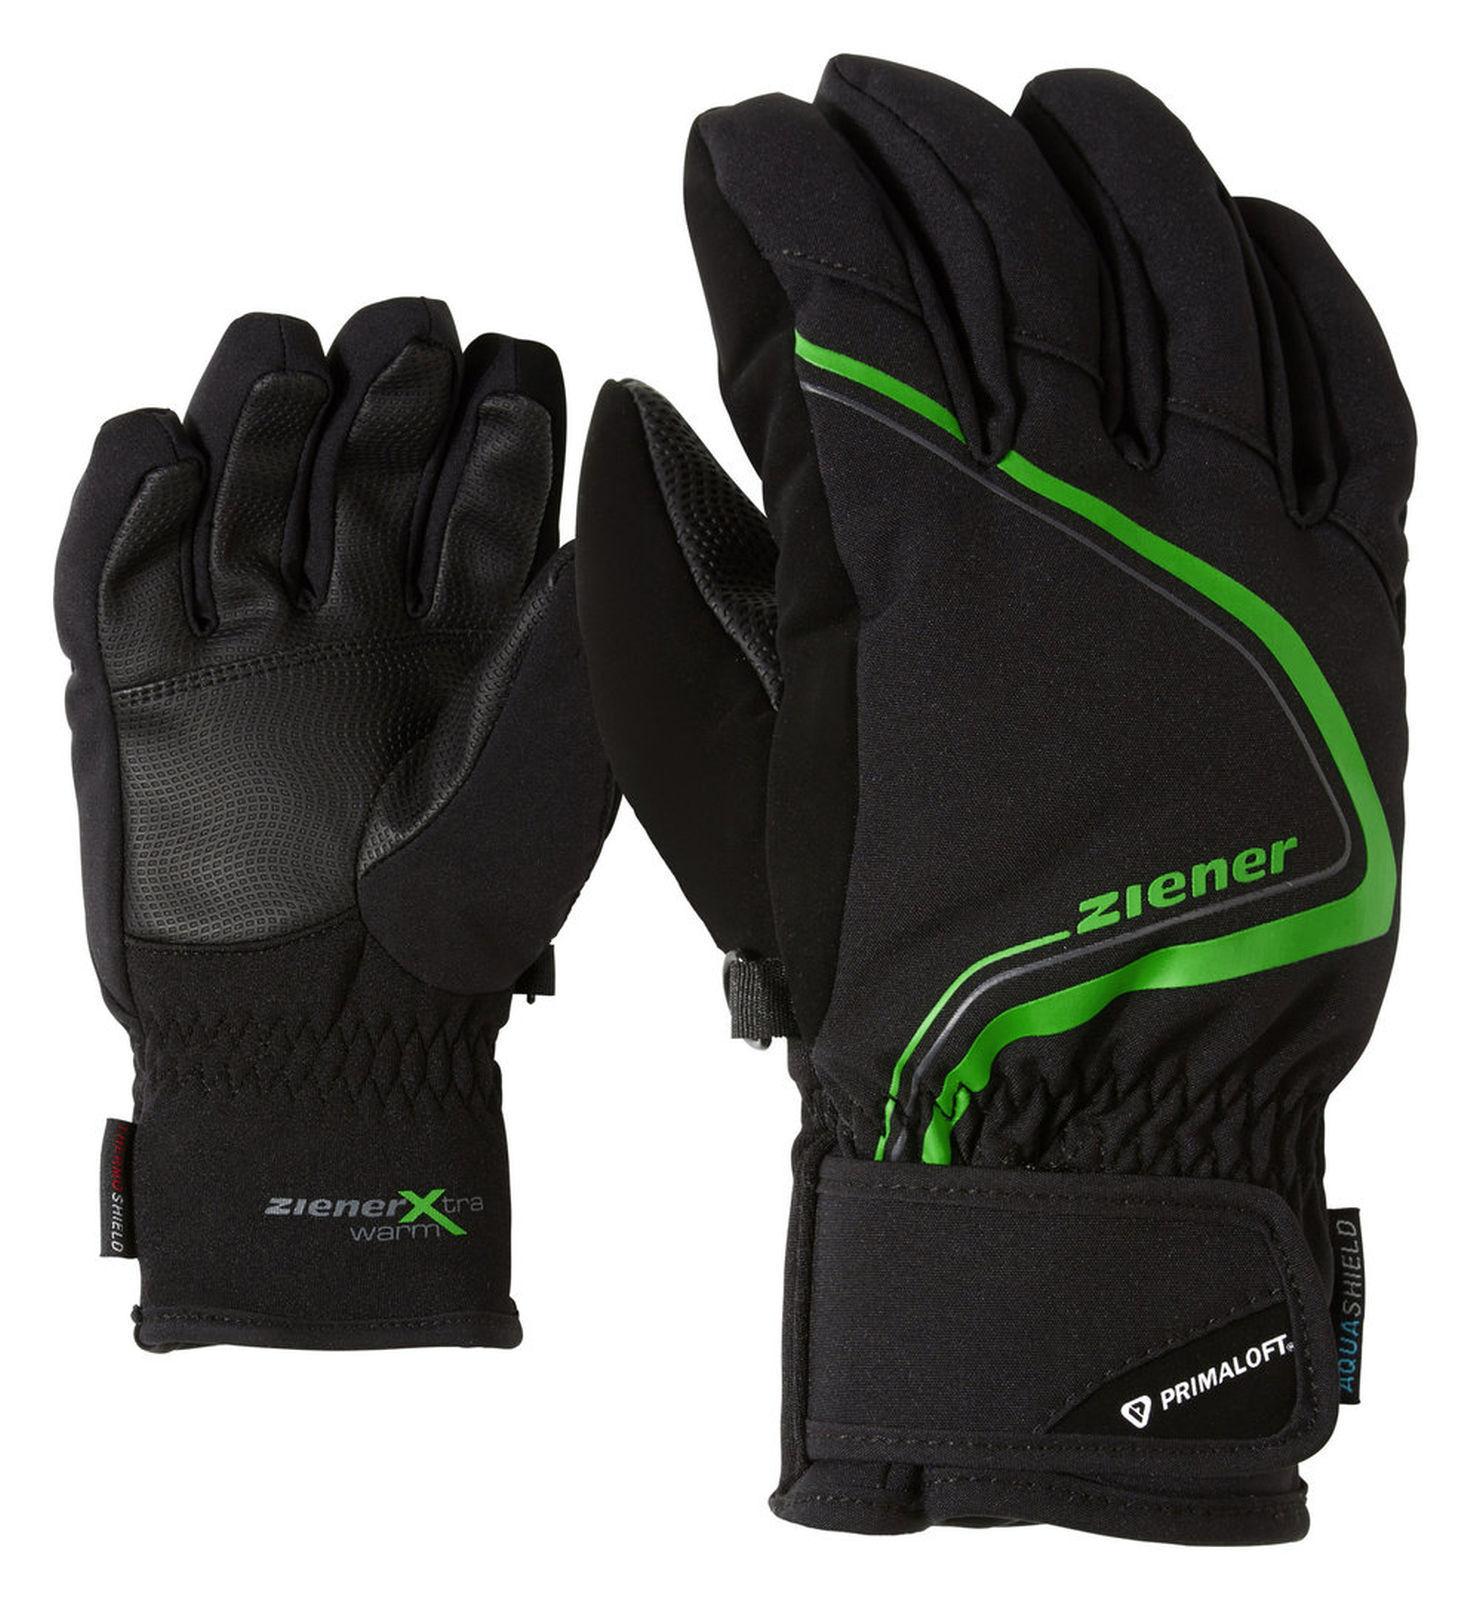 Ziener Kinder Handschuh LANU AS PRIMALOFT JUNIOR black green  181903 12785  lightning delivery